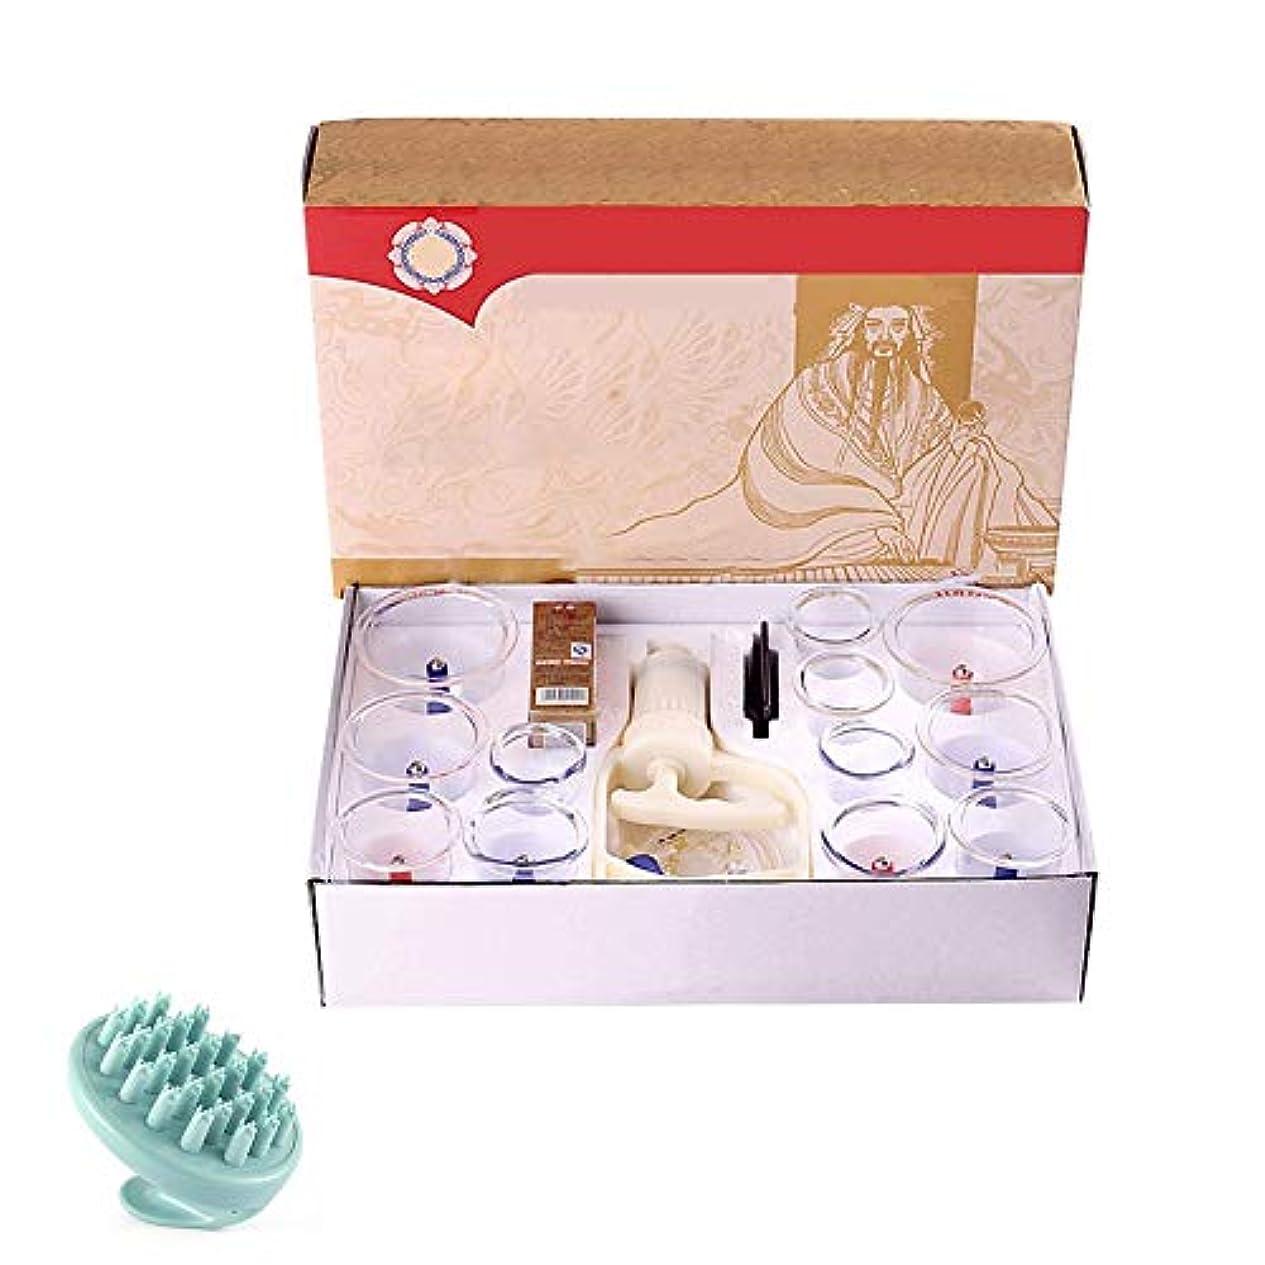 余計なインスタンスネコ12カップマッサージカッピングセット、真空吸引生体磁気中国ツボ療法、女性と男性のための家、ストレス筋肉緩和、親家族のための最高の贈り物